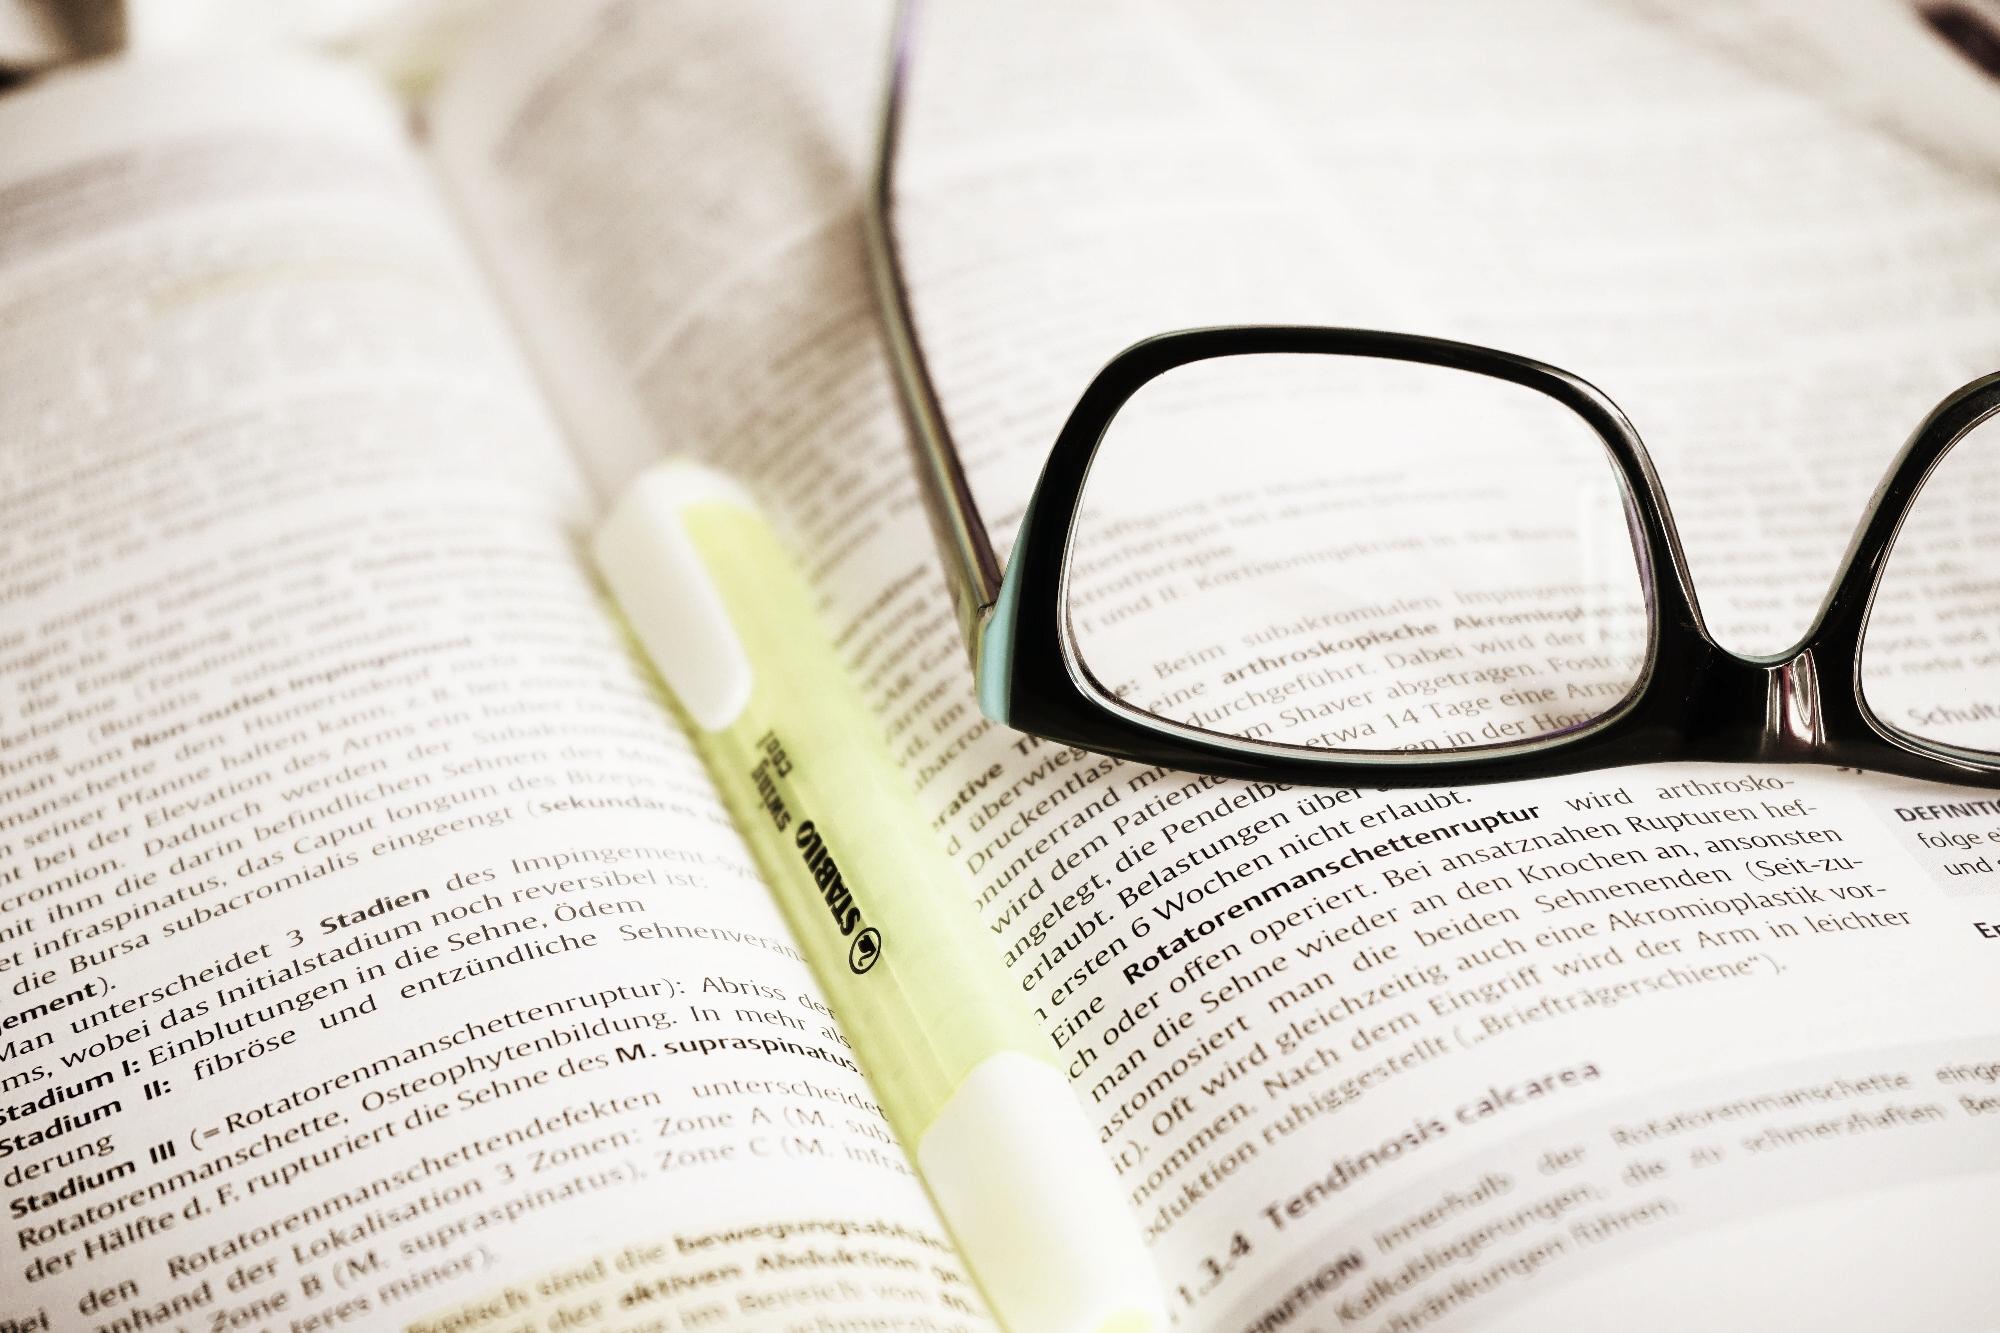 Book, highlighter, glasses